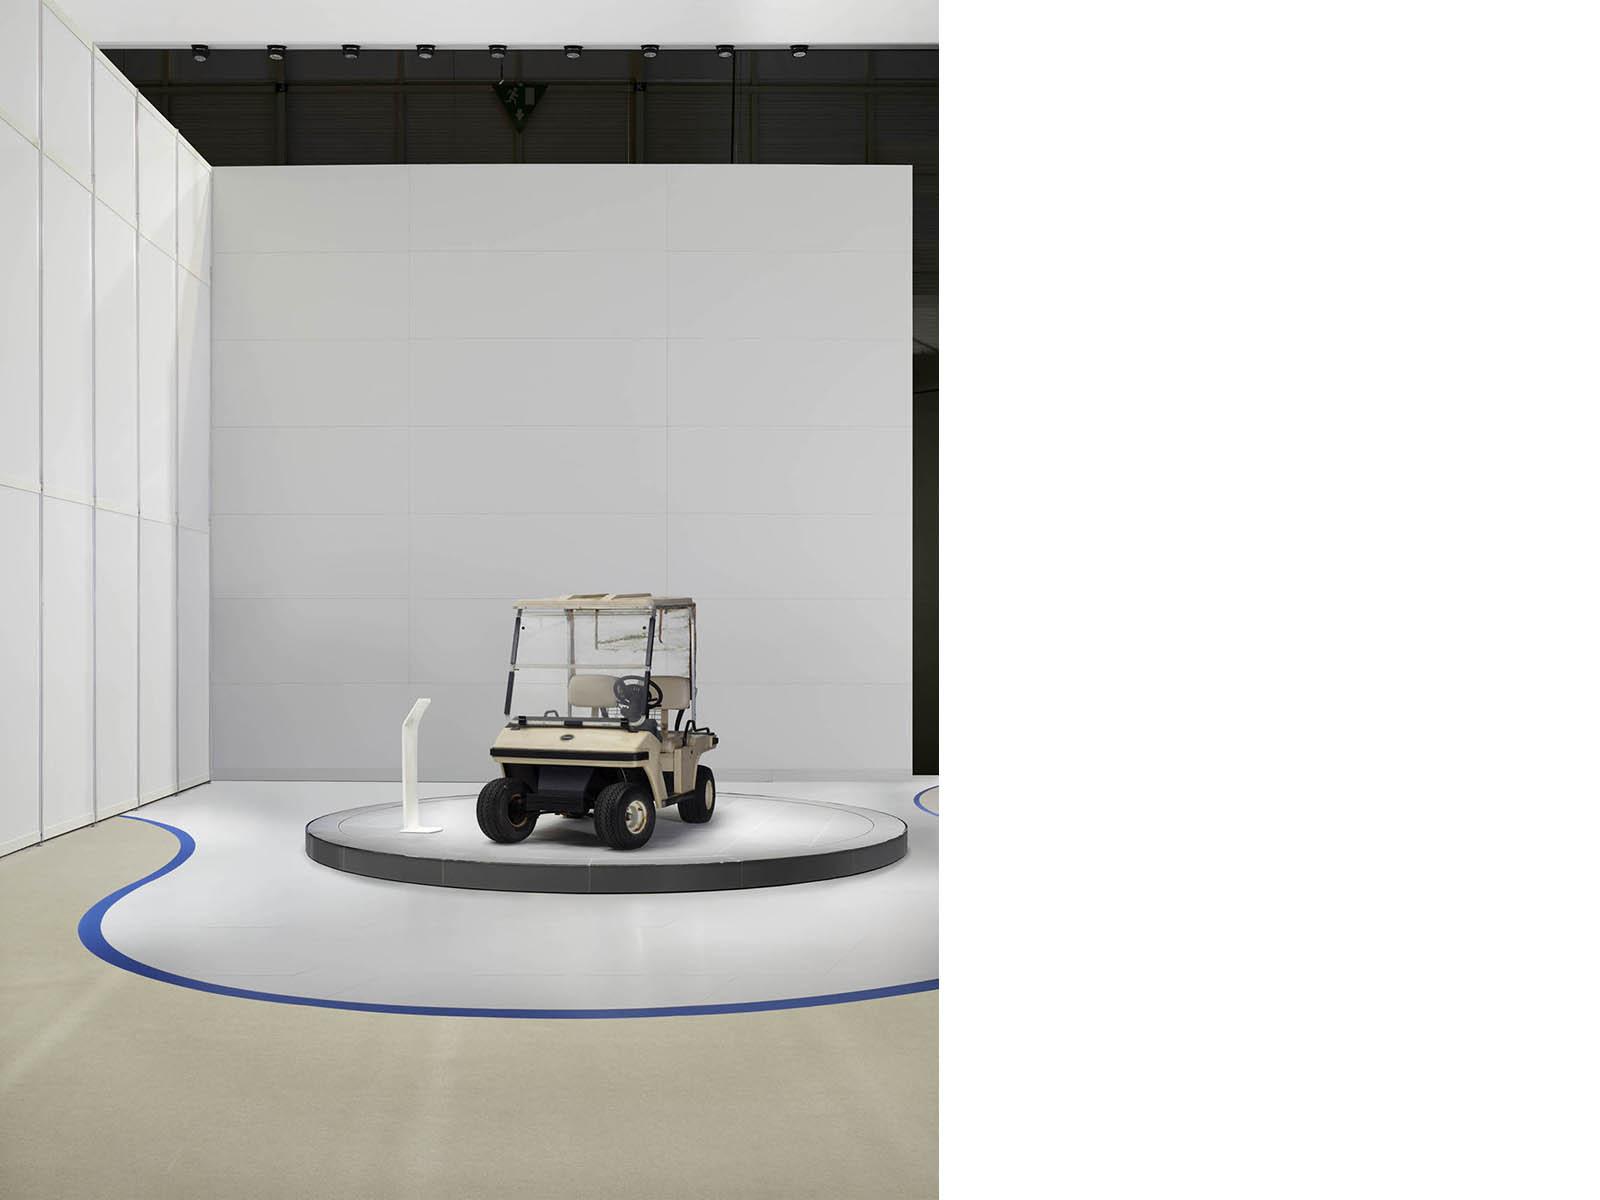 Schneller von heute nach morgen, 2013, 115 x 90 cm, Lightbox